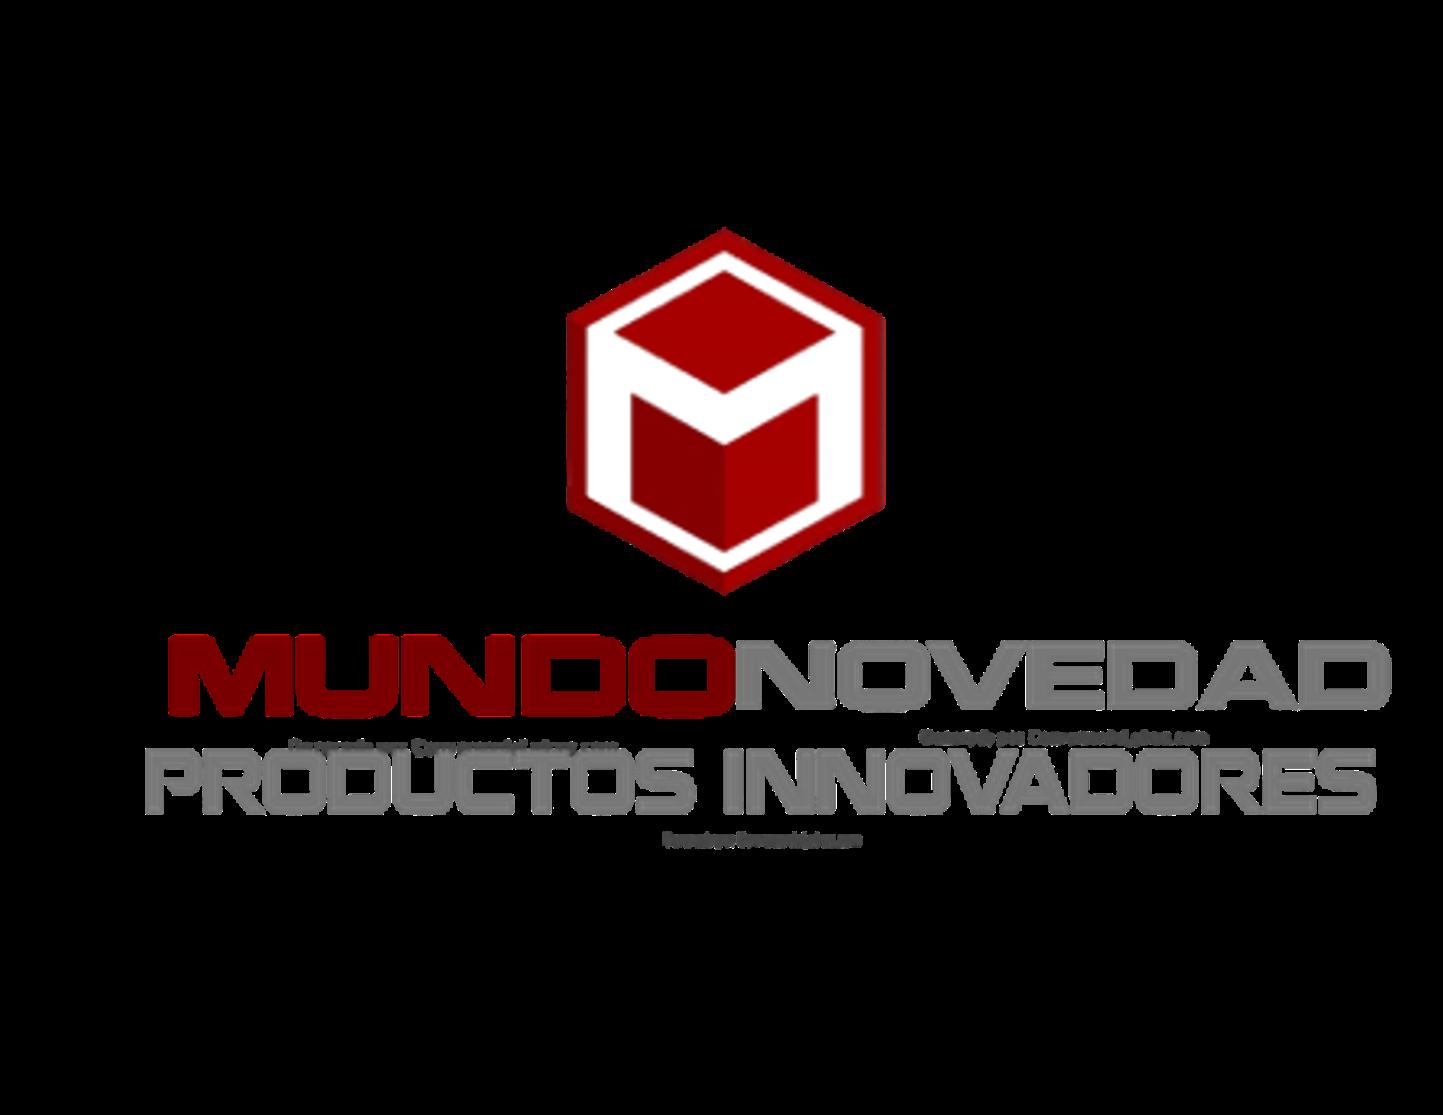 MUNDONOVEDAD.CO